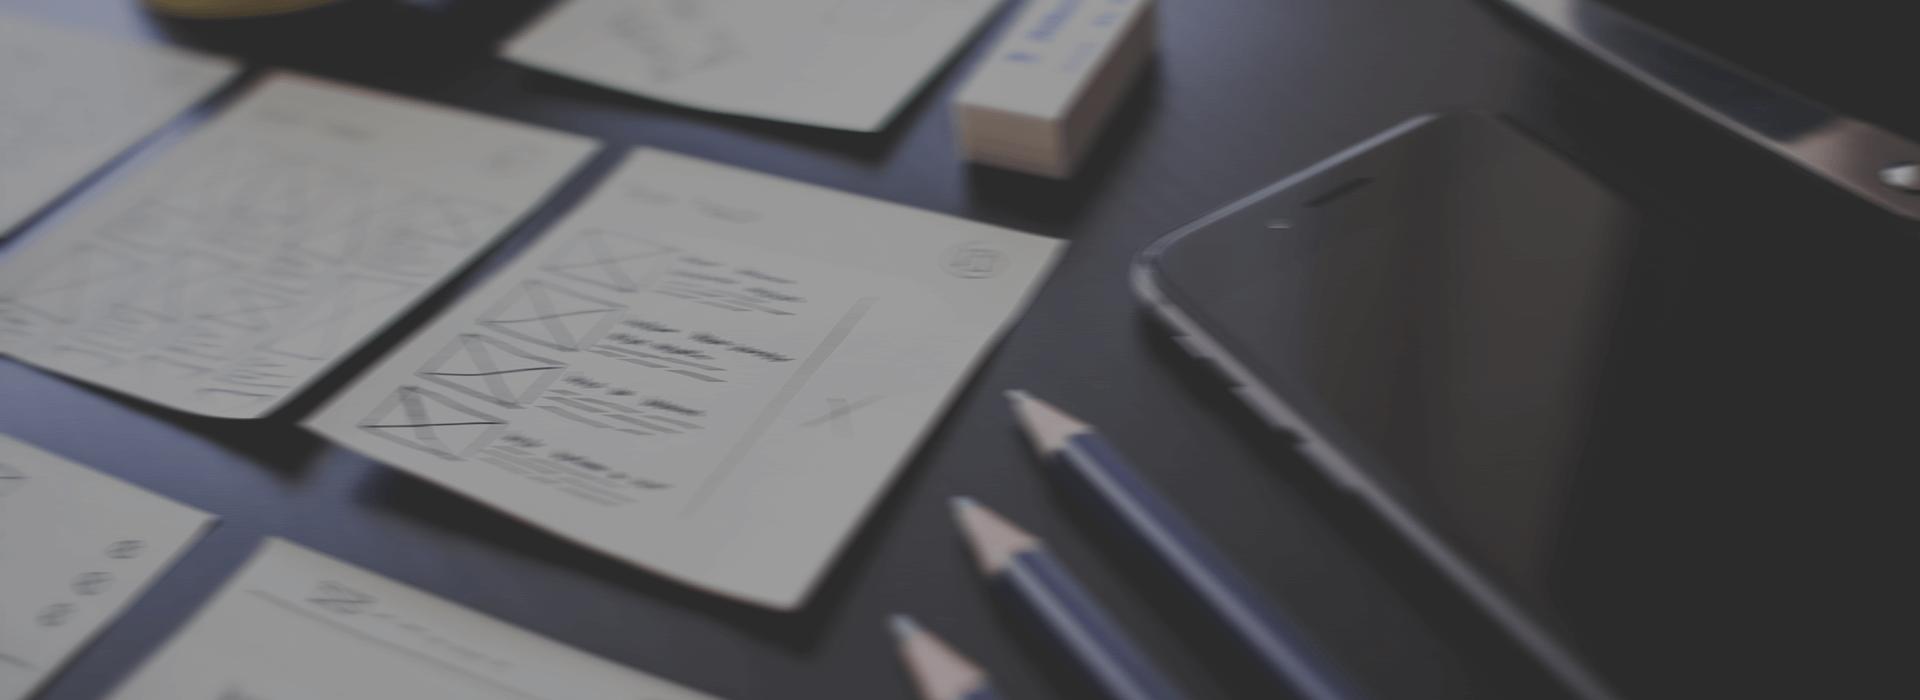 2018新版公司注册流程,注册公司更简单